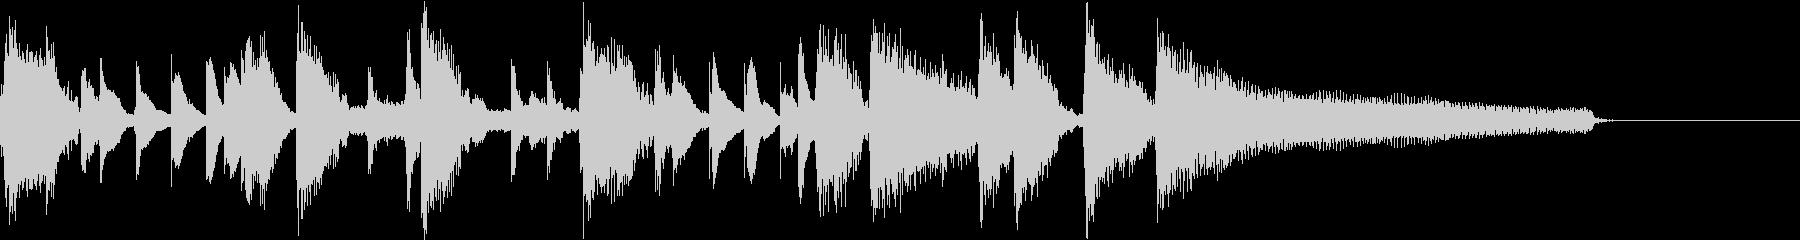 15秒】明るくポップ、ノリの良いピアノの未再生の波形